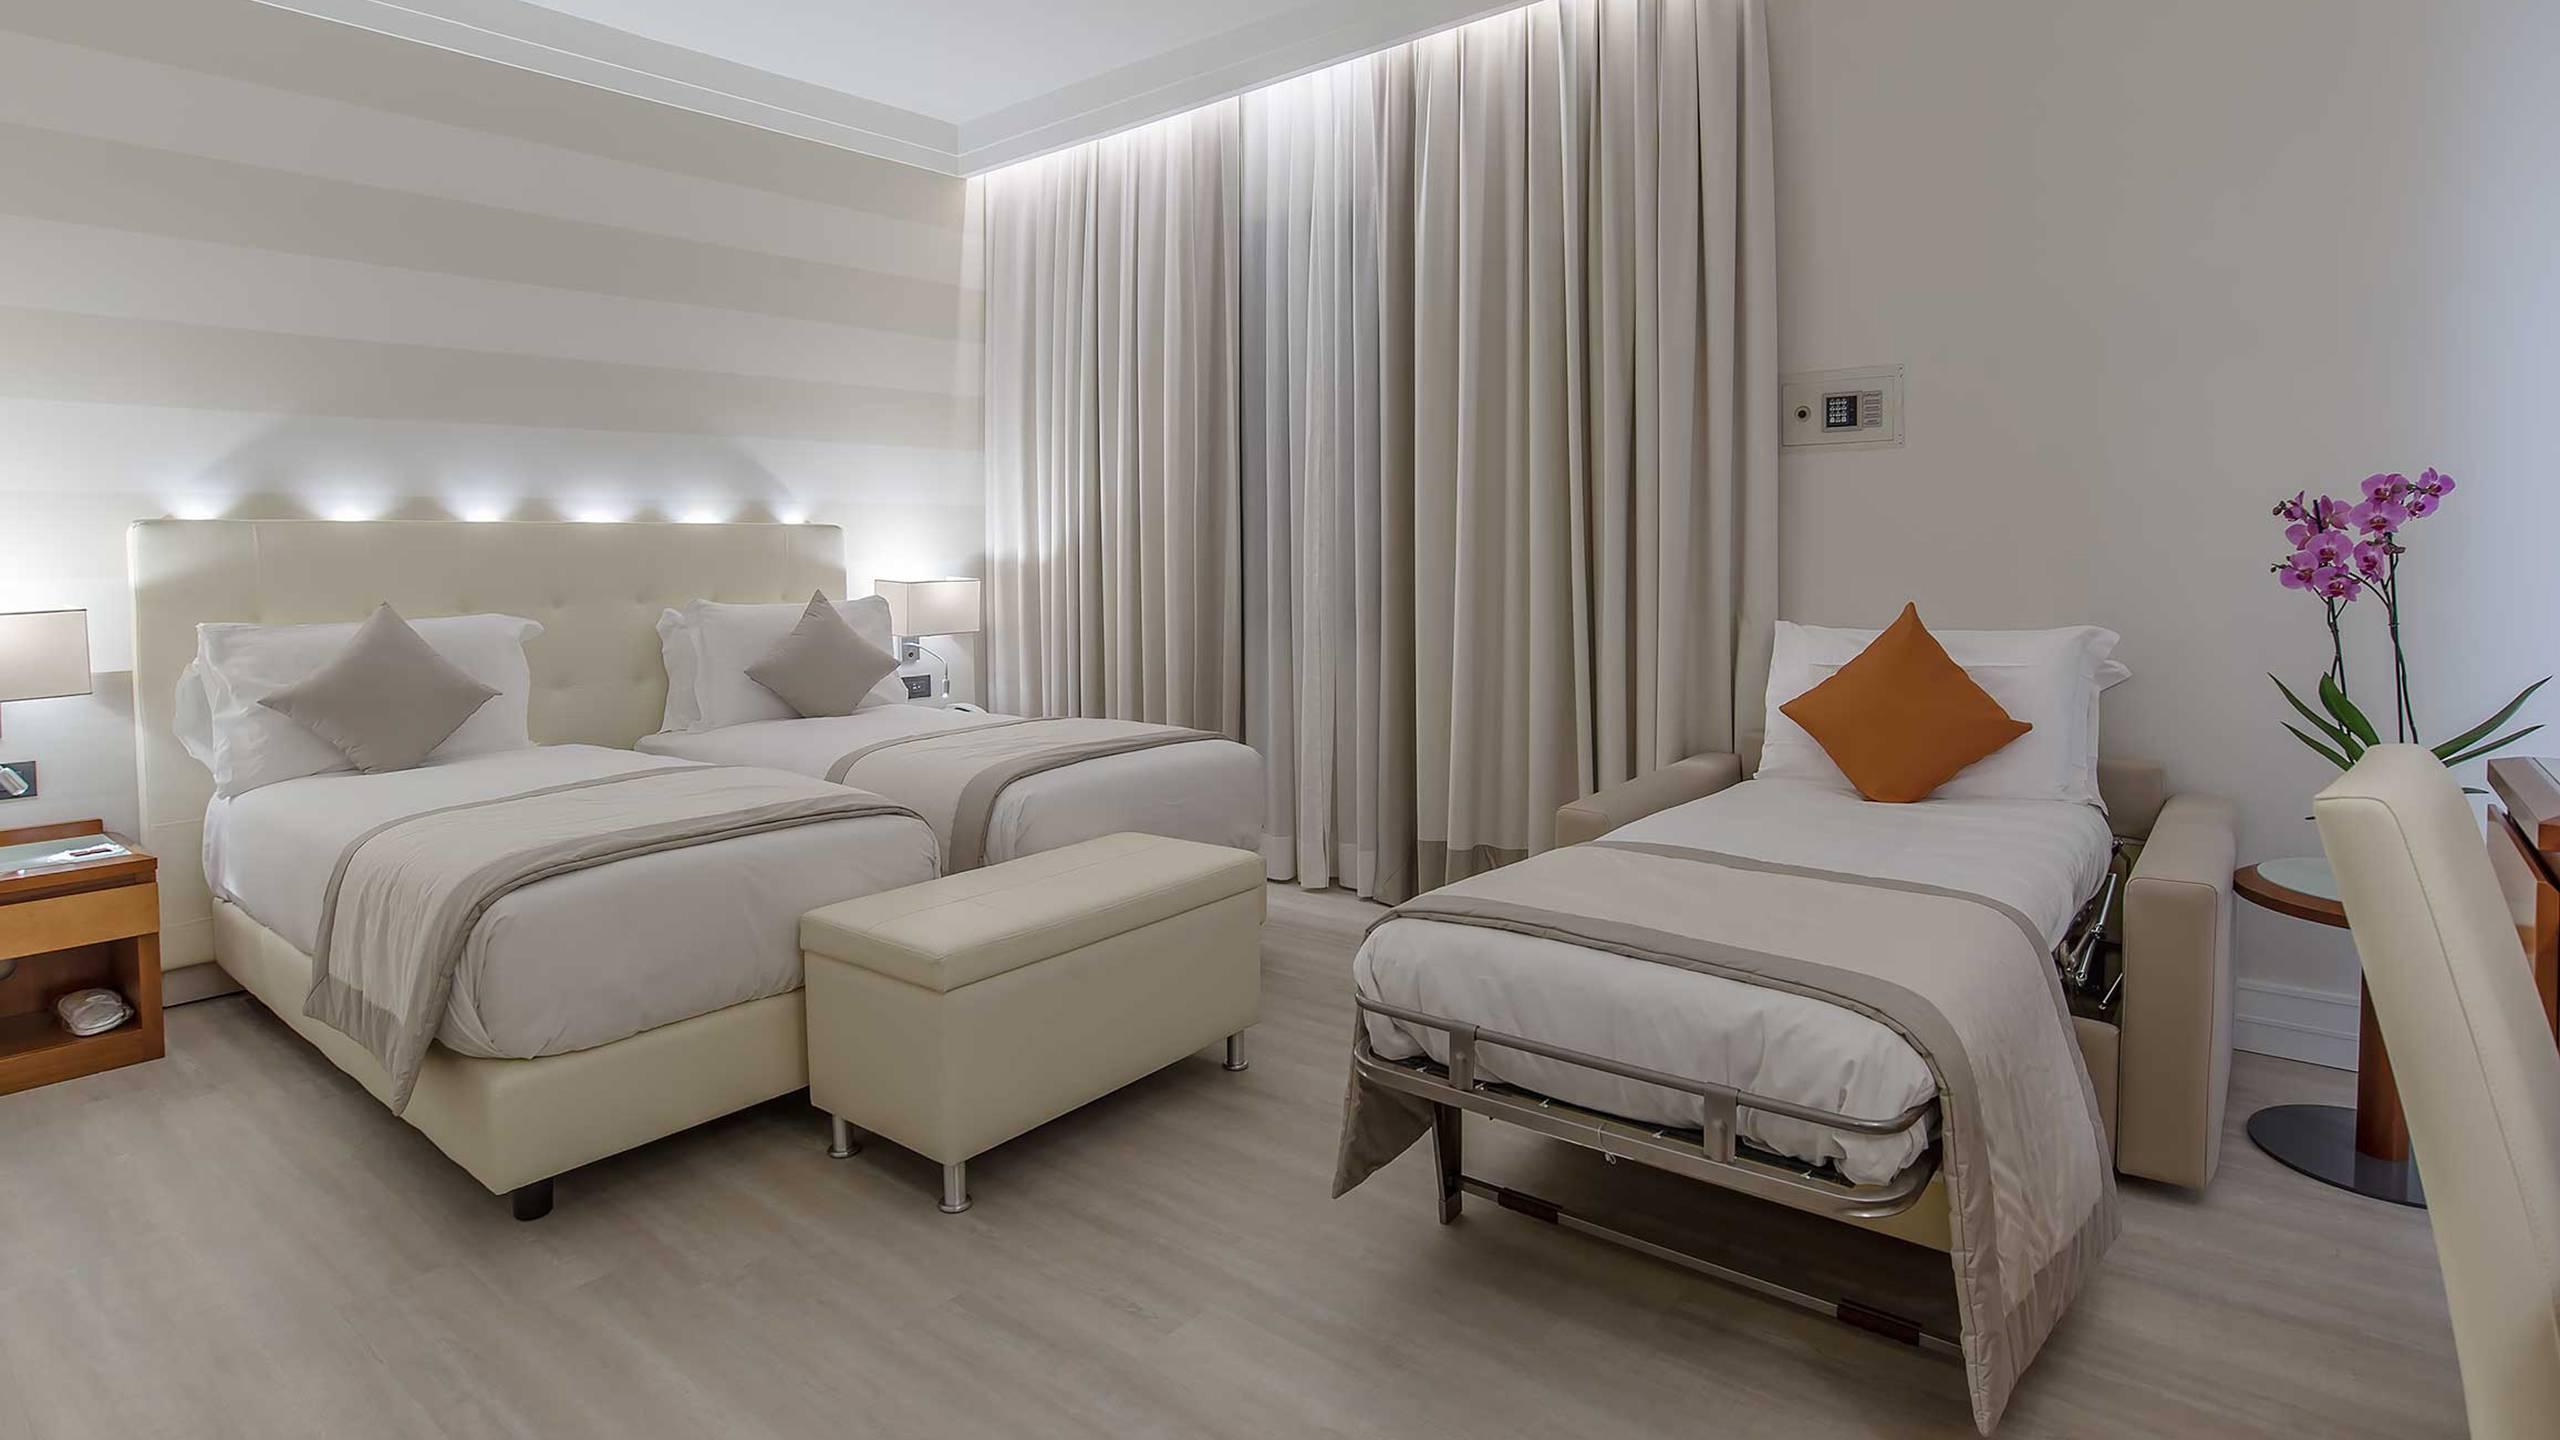 DSC-9027--New-Hotel-LaGiocca-Roma